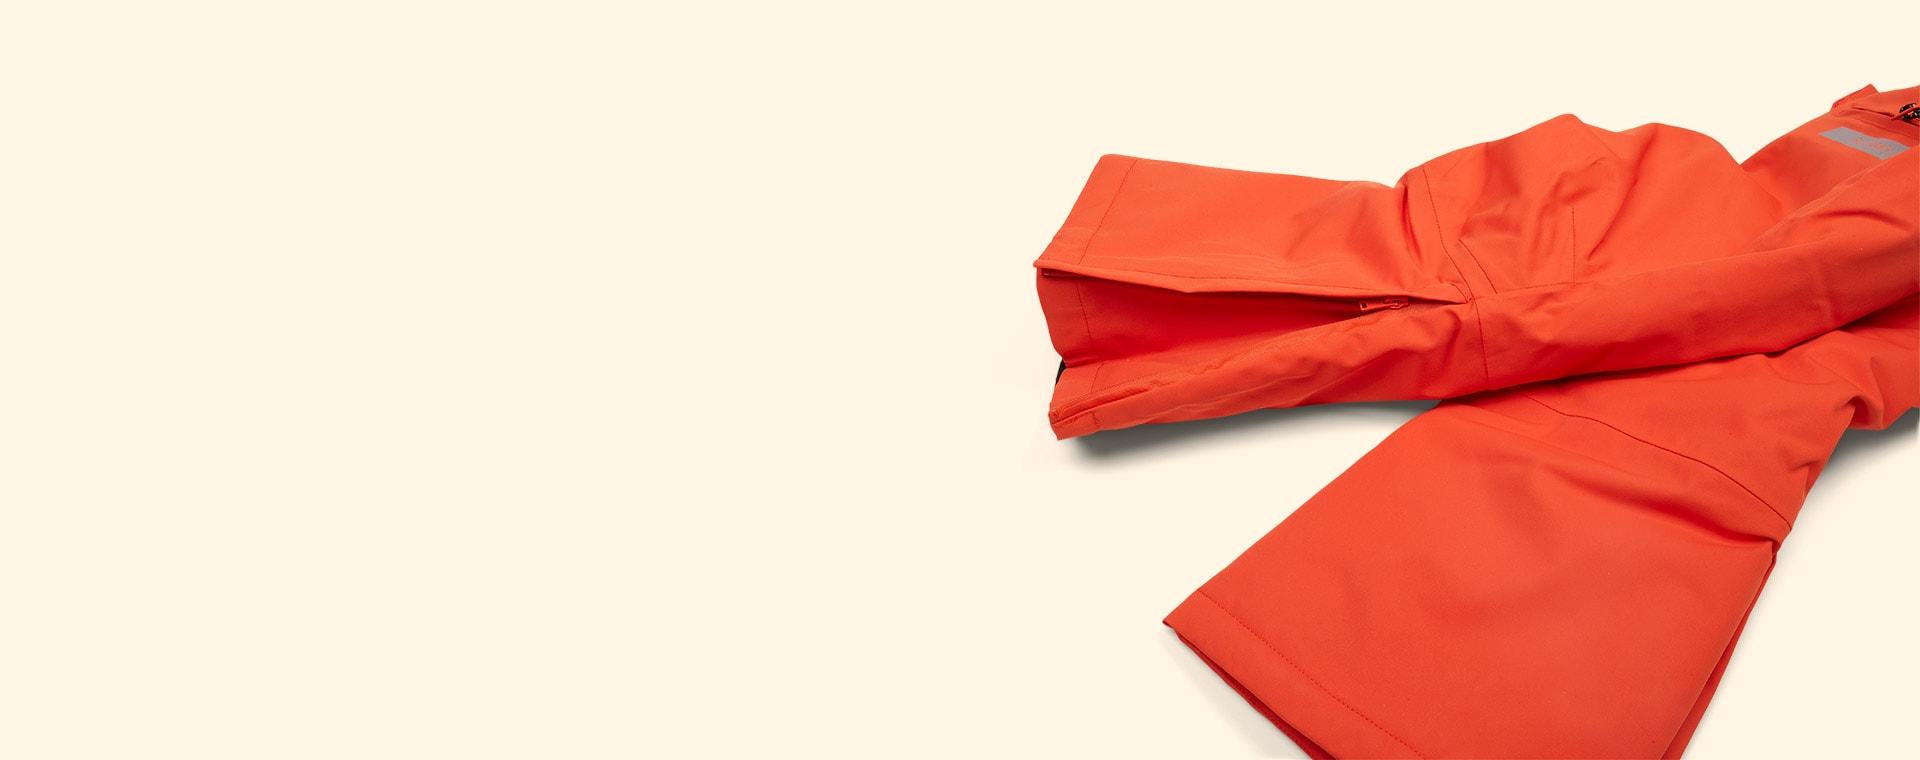 Spicy Red GOSOAKY Big Bad Wolf Unisex Ski Pants